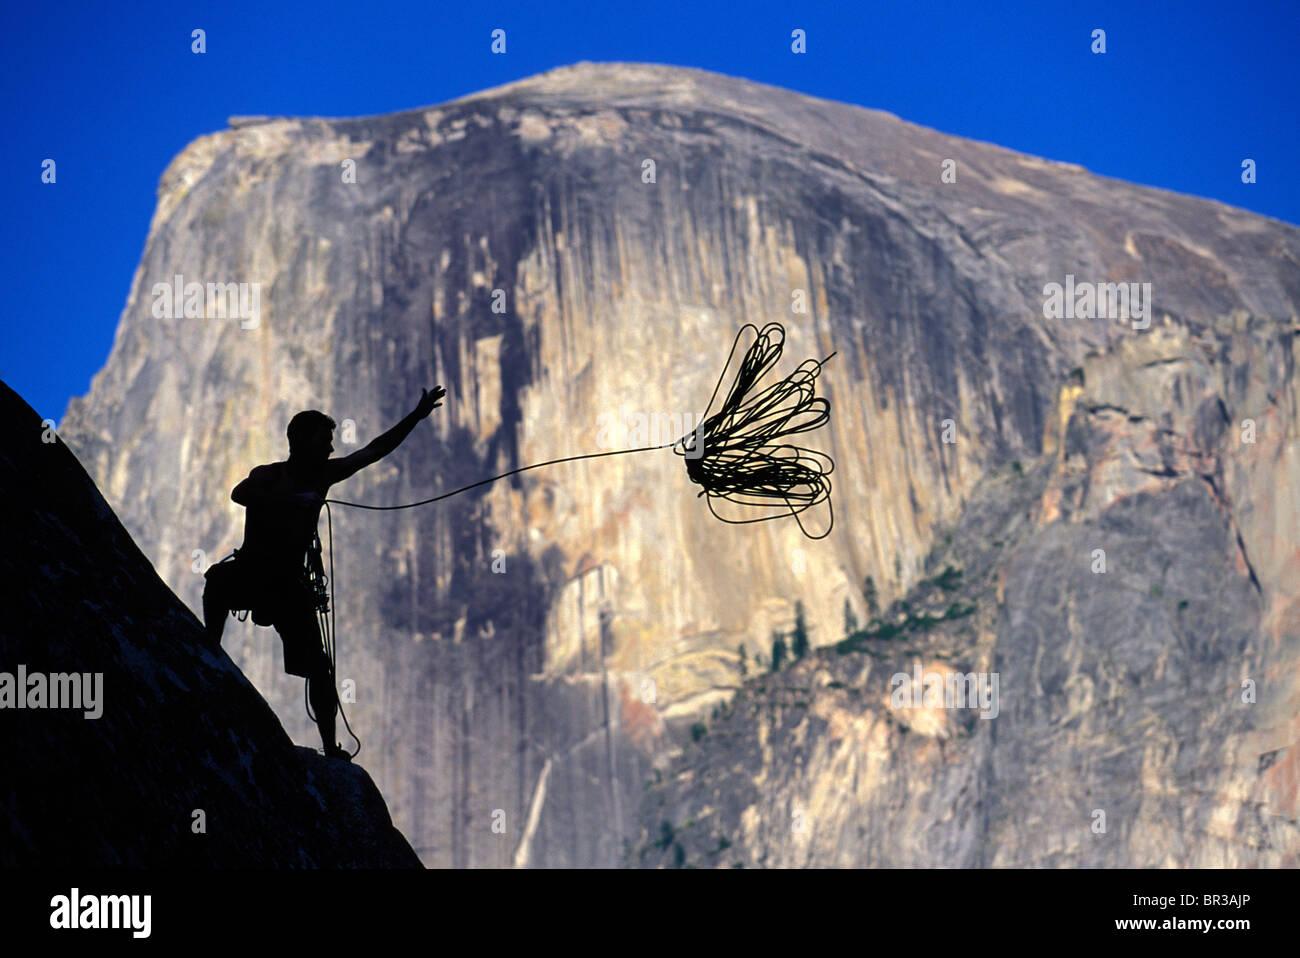 Silhouette contro una cupola di granito di uno scalatore di gettare una fune da un dirupo. Immagini Stock